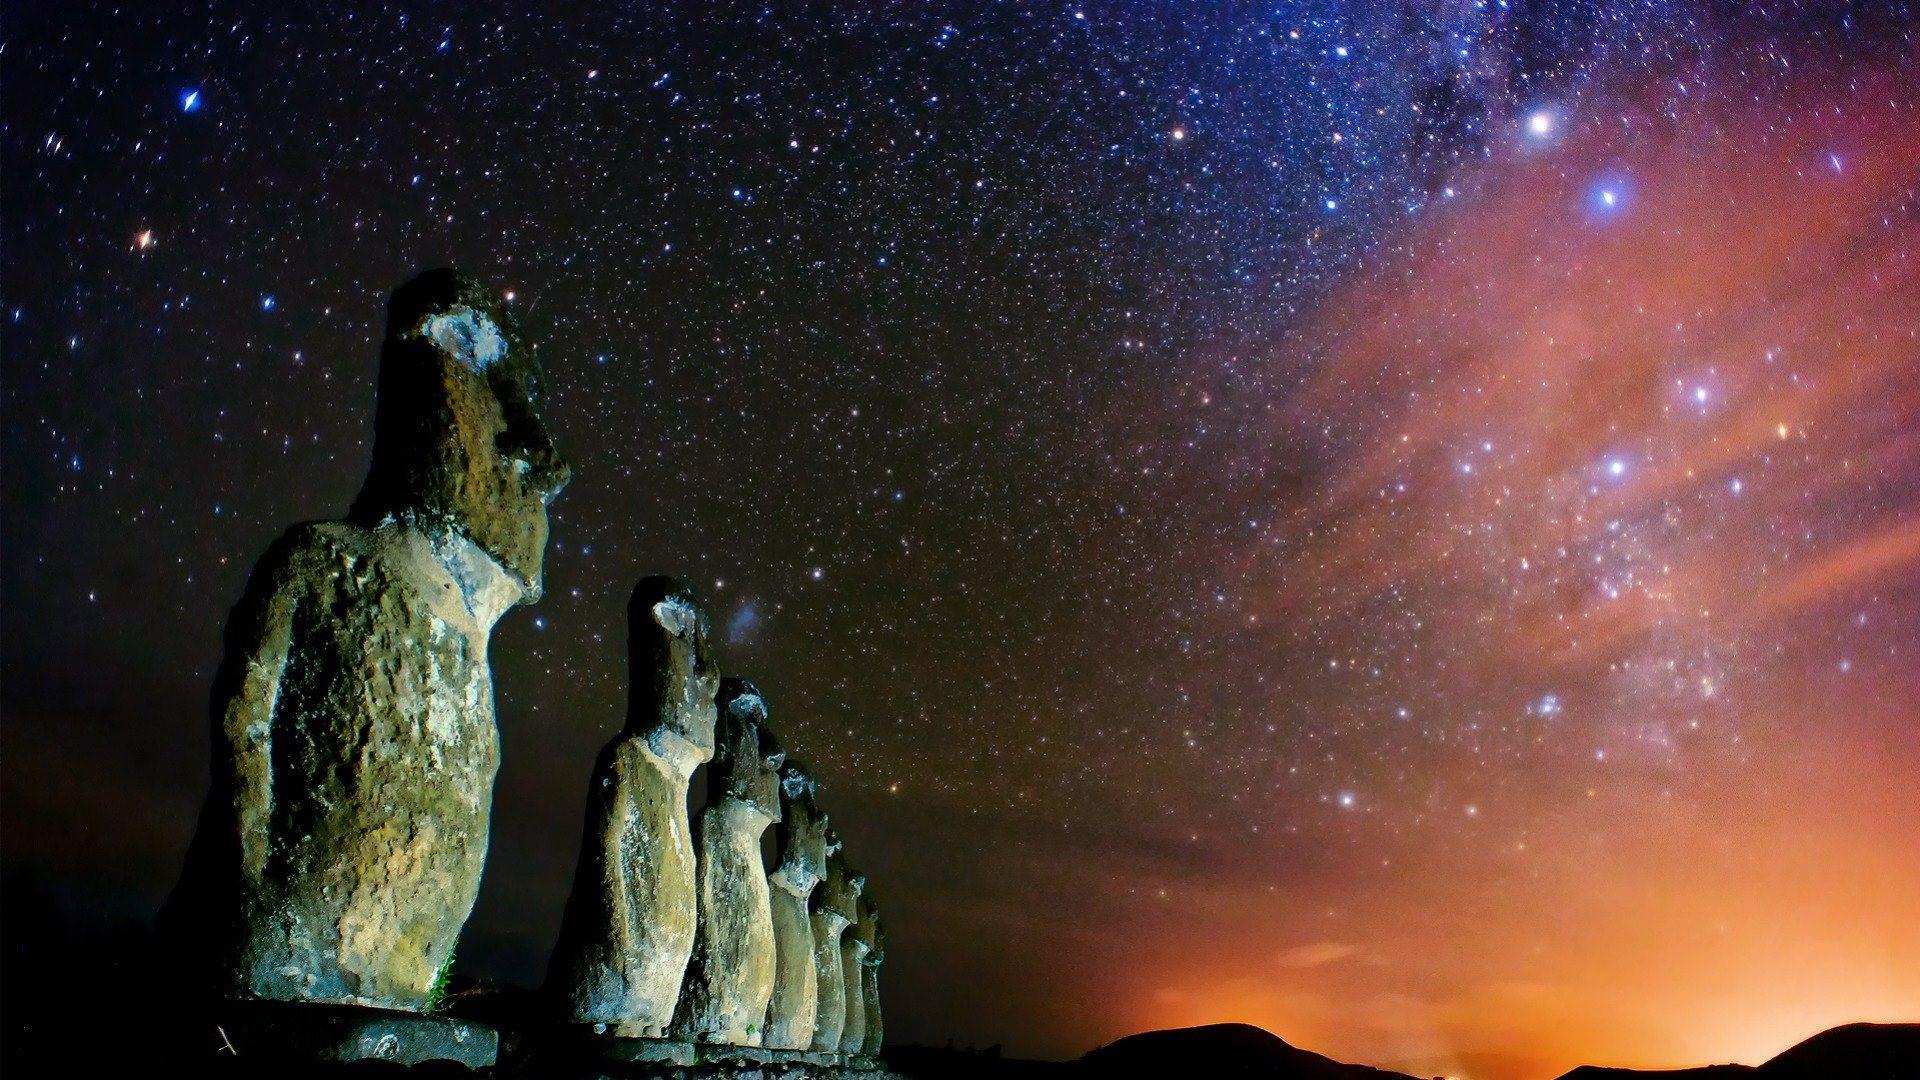 Kamenné stĺpy, nemý svedkovia, nadpozemskej krásy... (Eduard Boldižár)